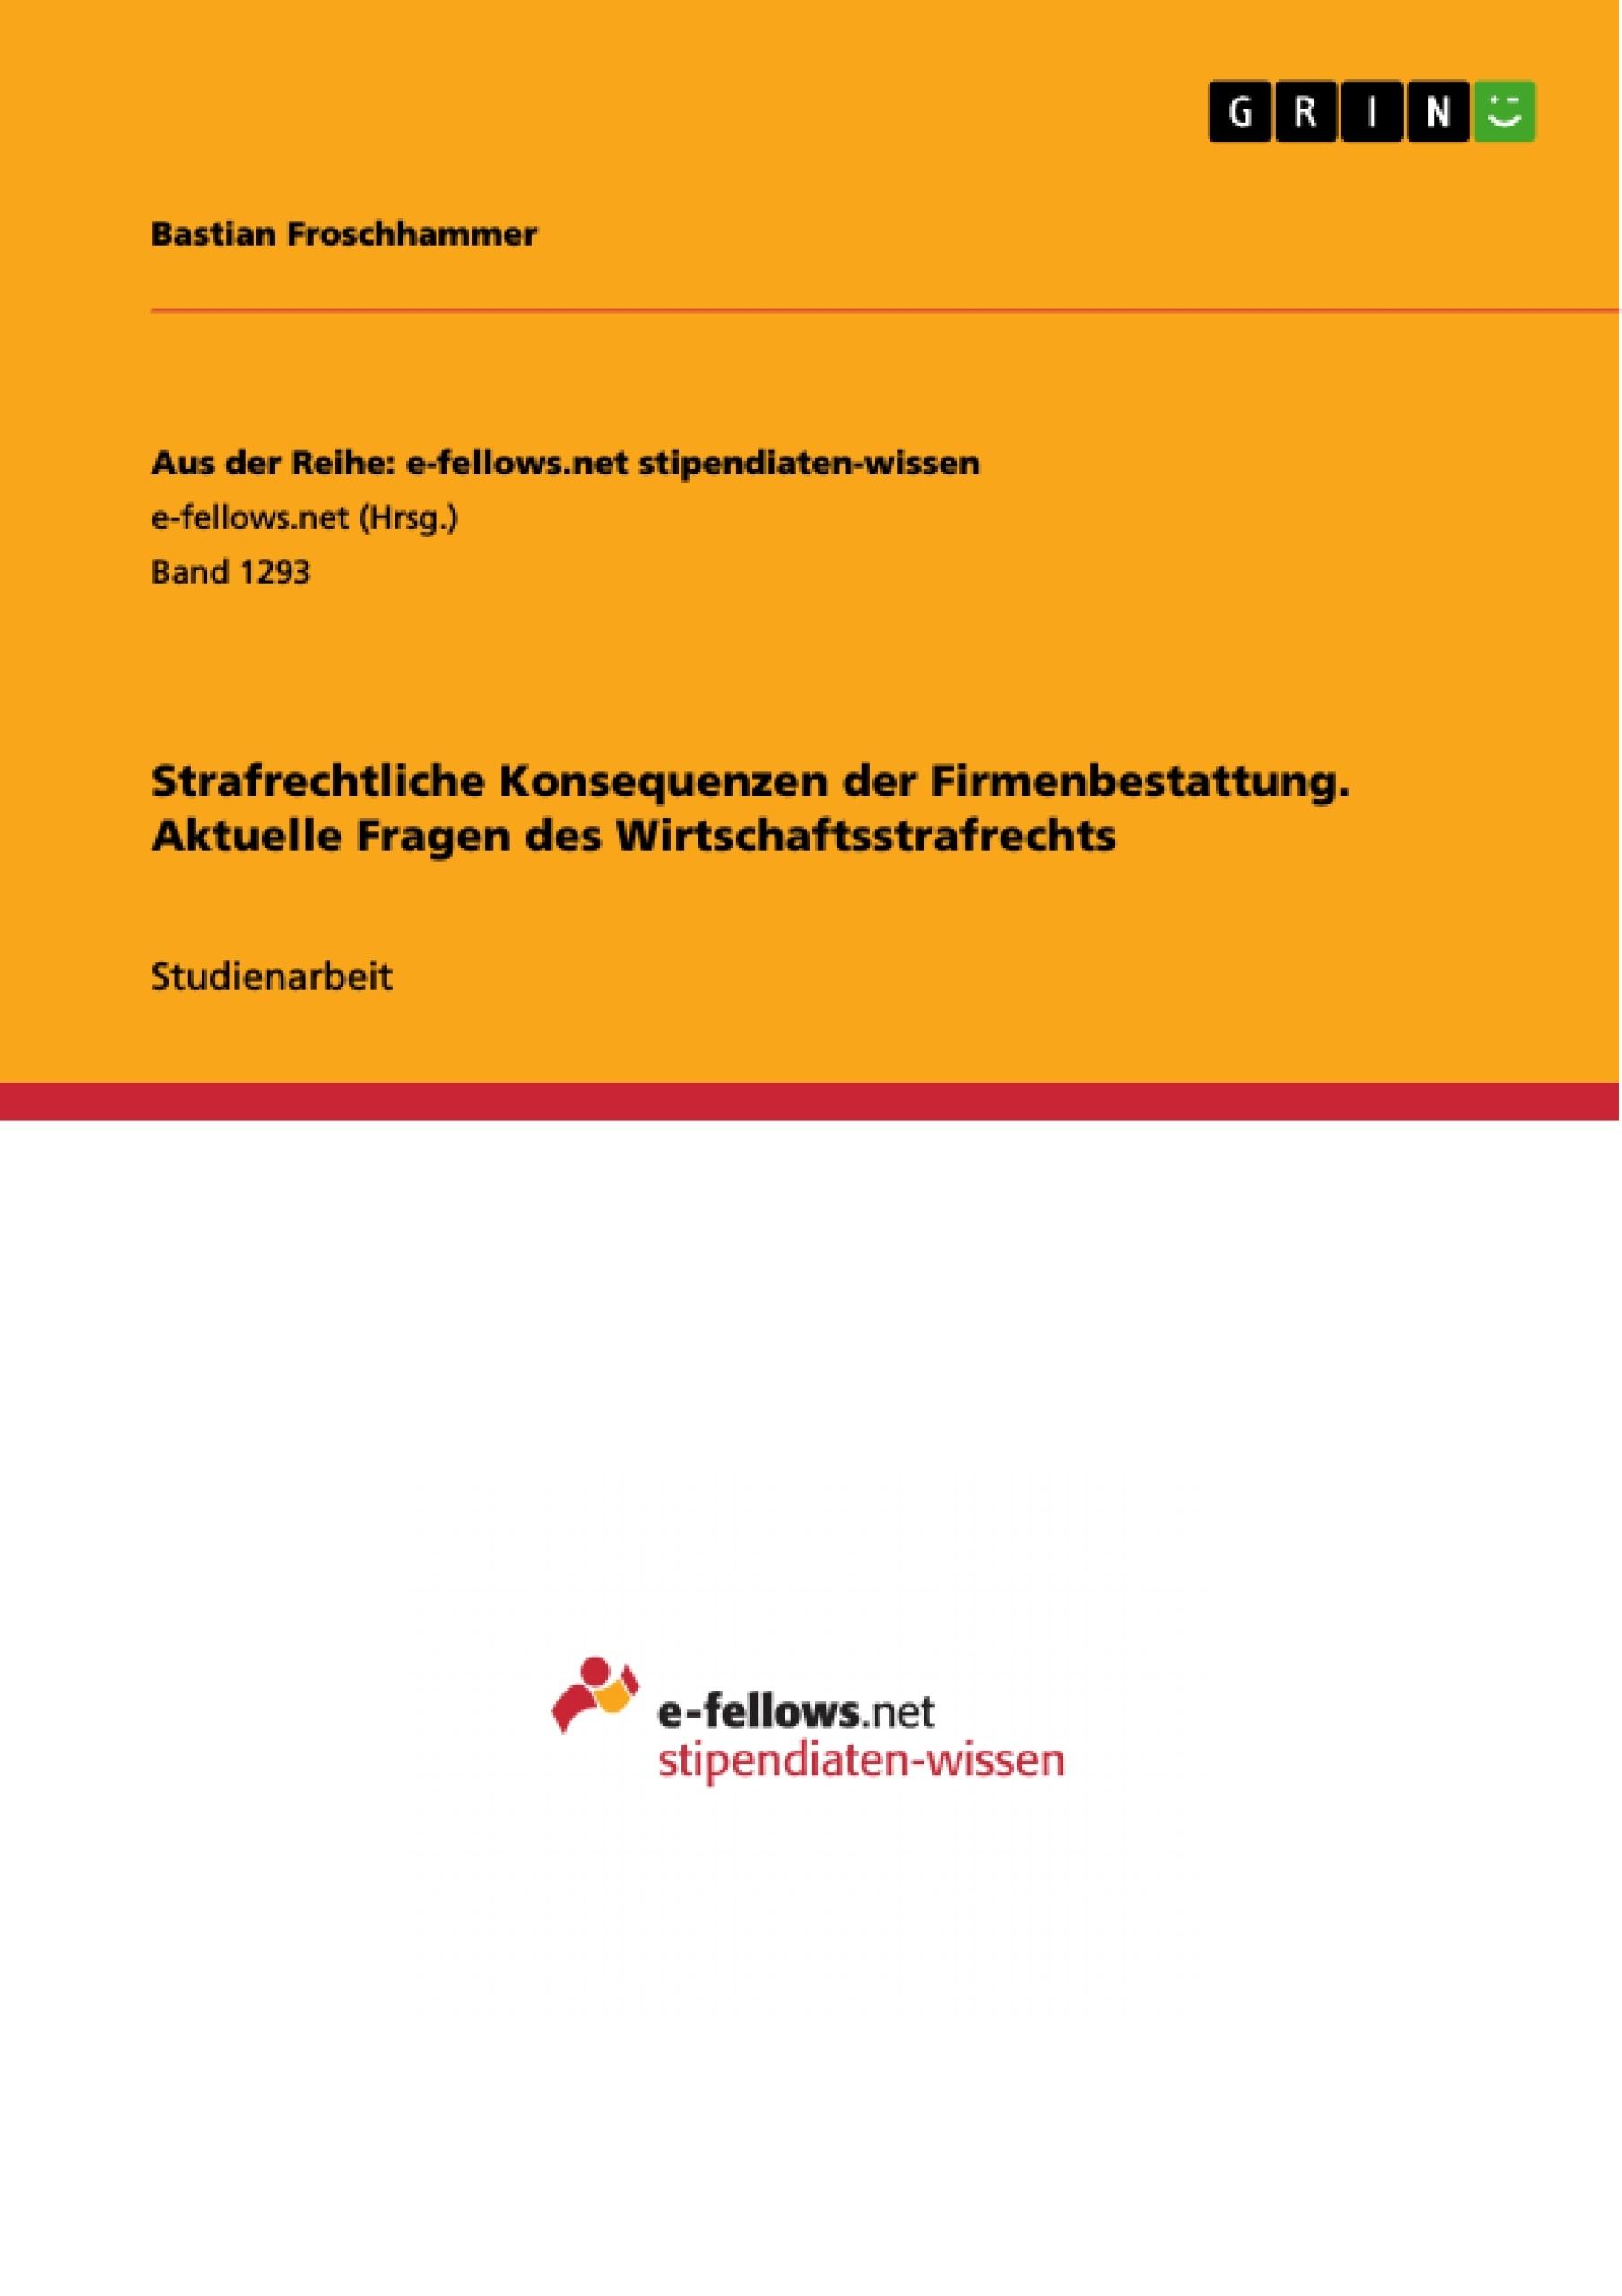 Titel: Strafrechtliche Konsequenzen der Firmenbestattung. Aktuelle Fragen des Wirtschaftsstrafrechts